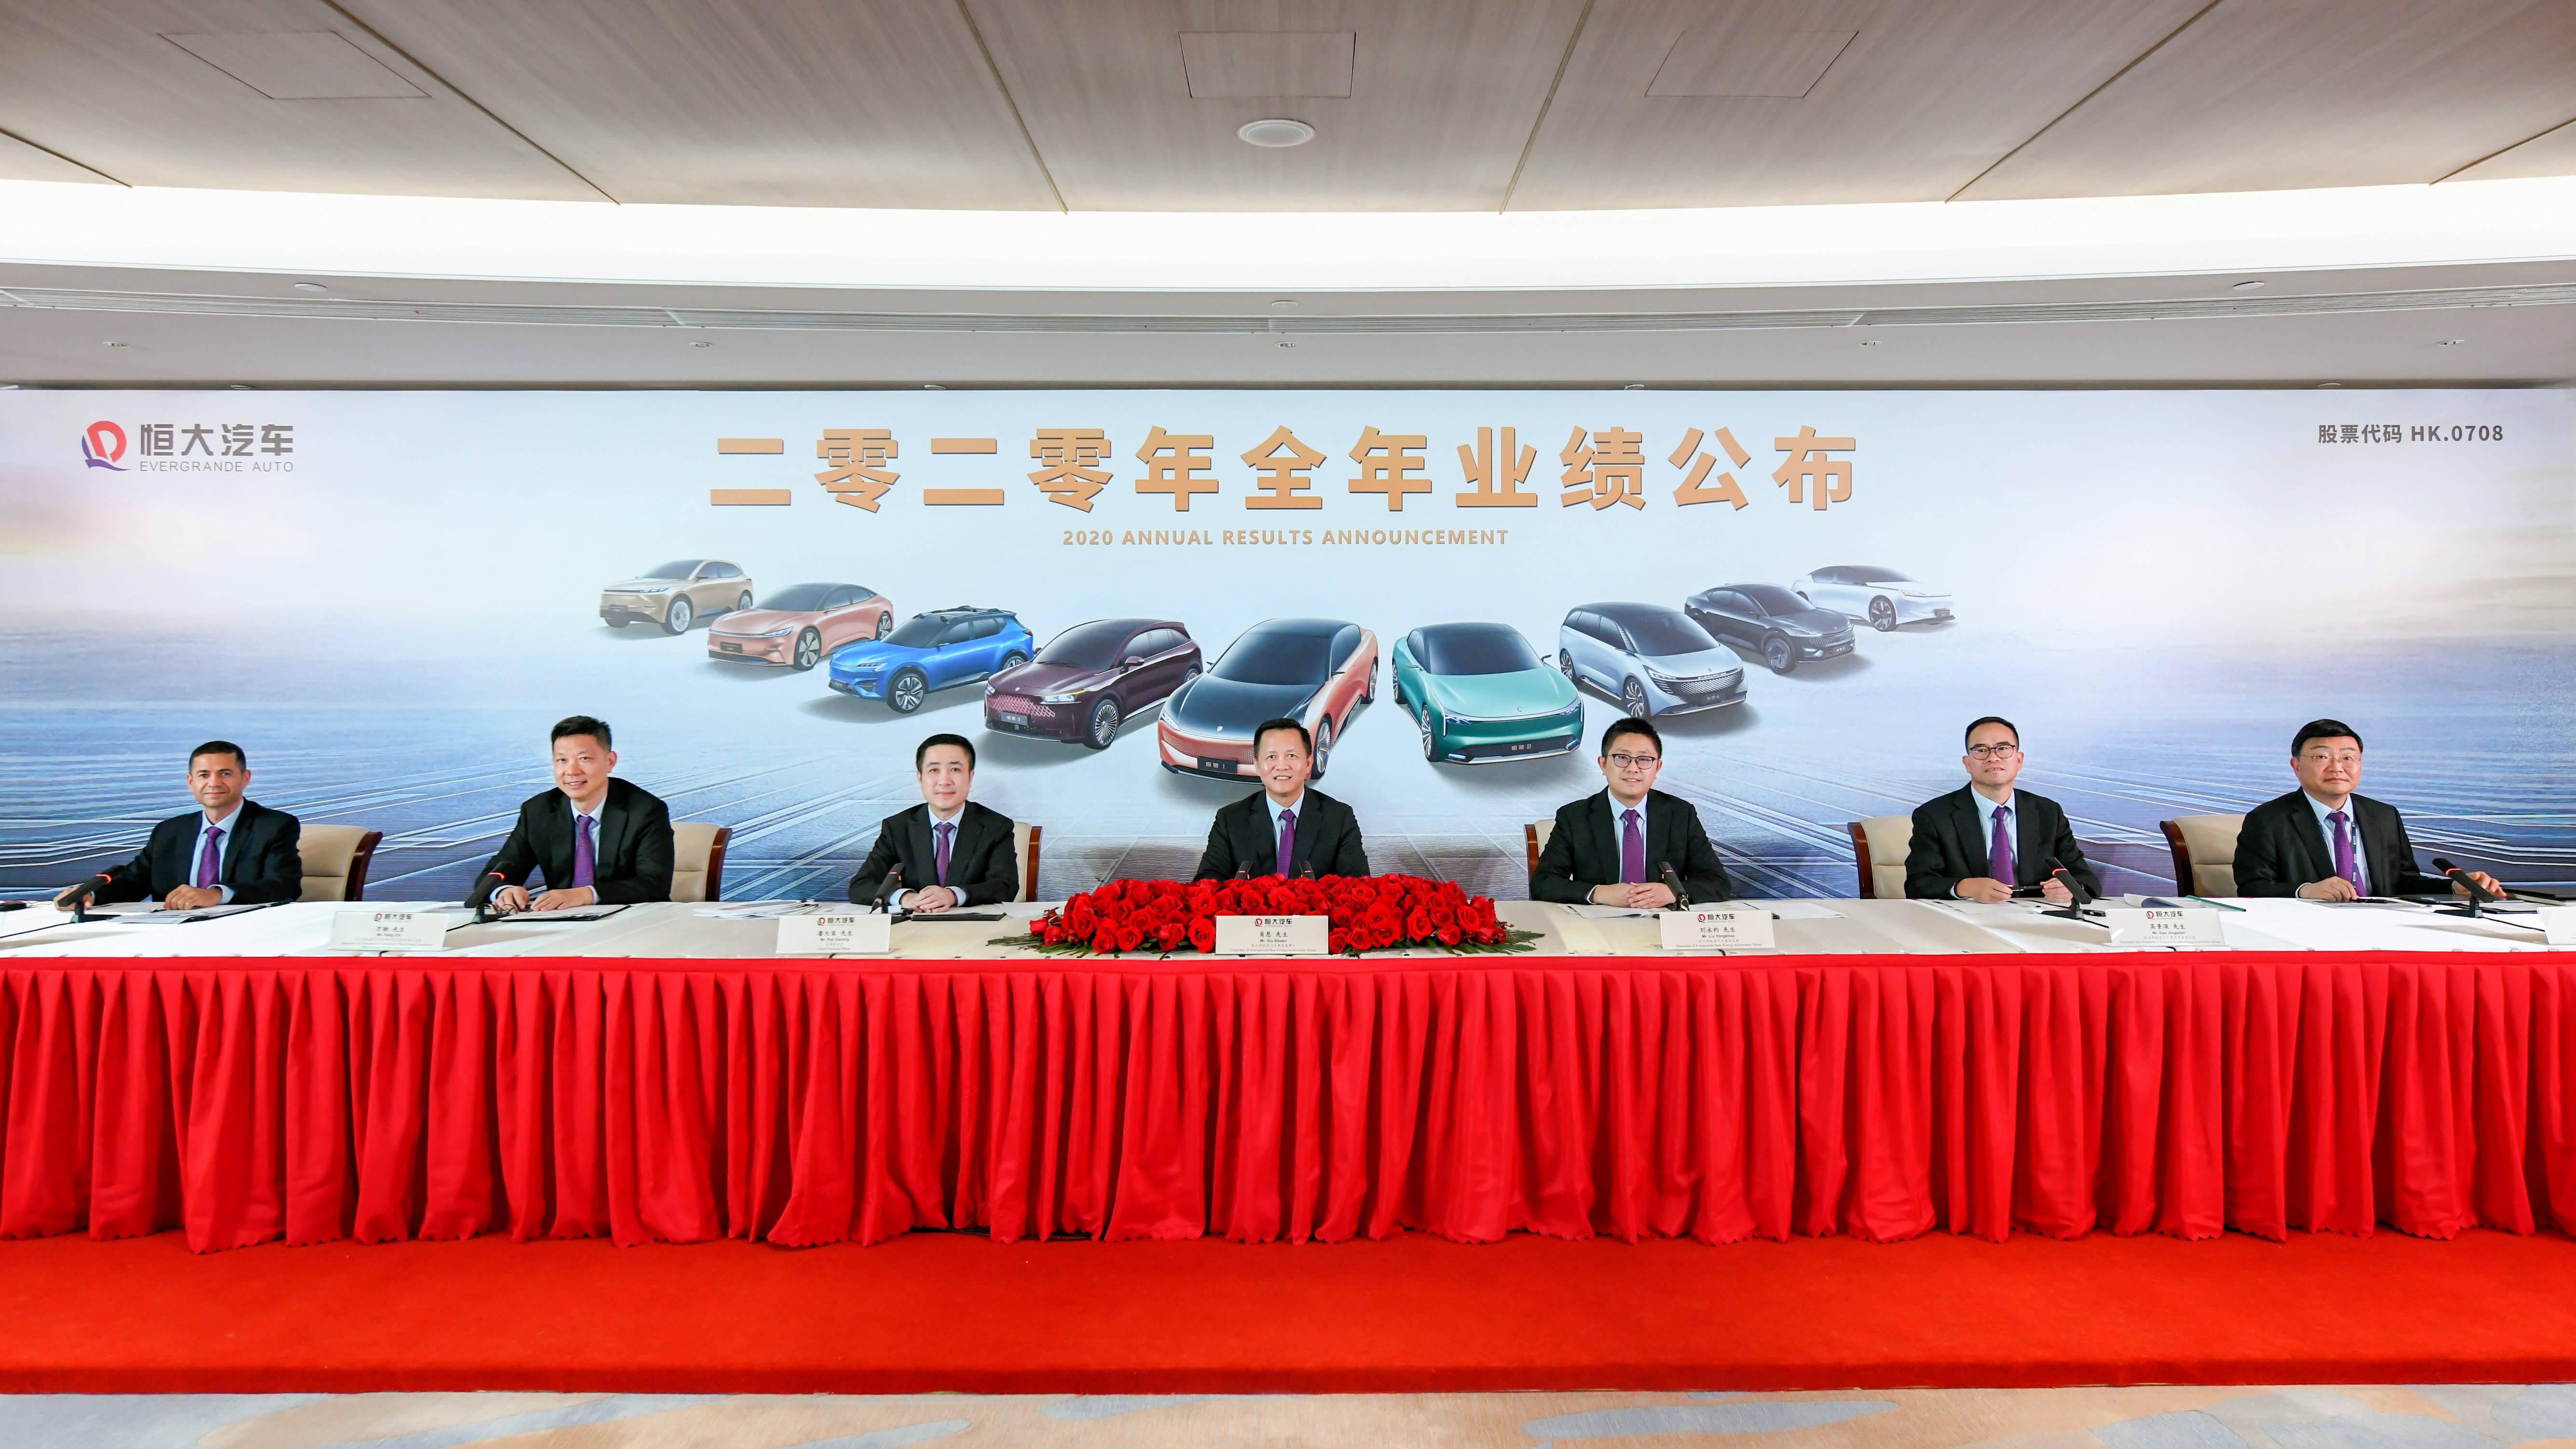 恒大汽车去年营收155亿,造车已投474亿,称2025年产销超100万辆